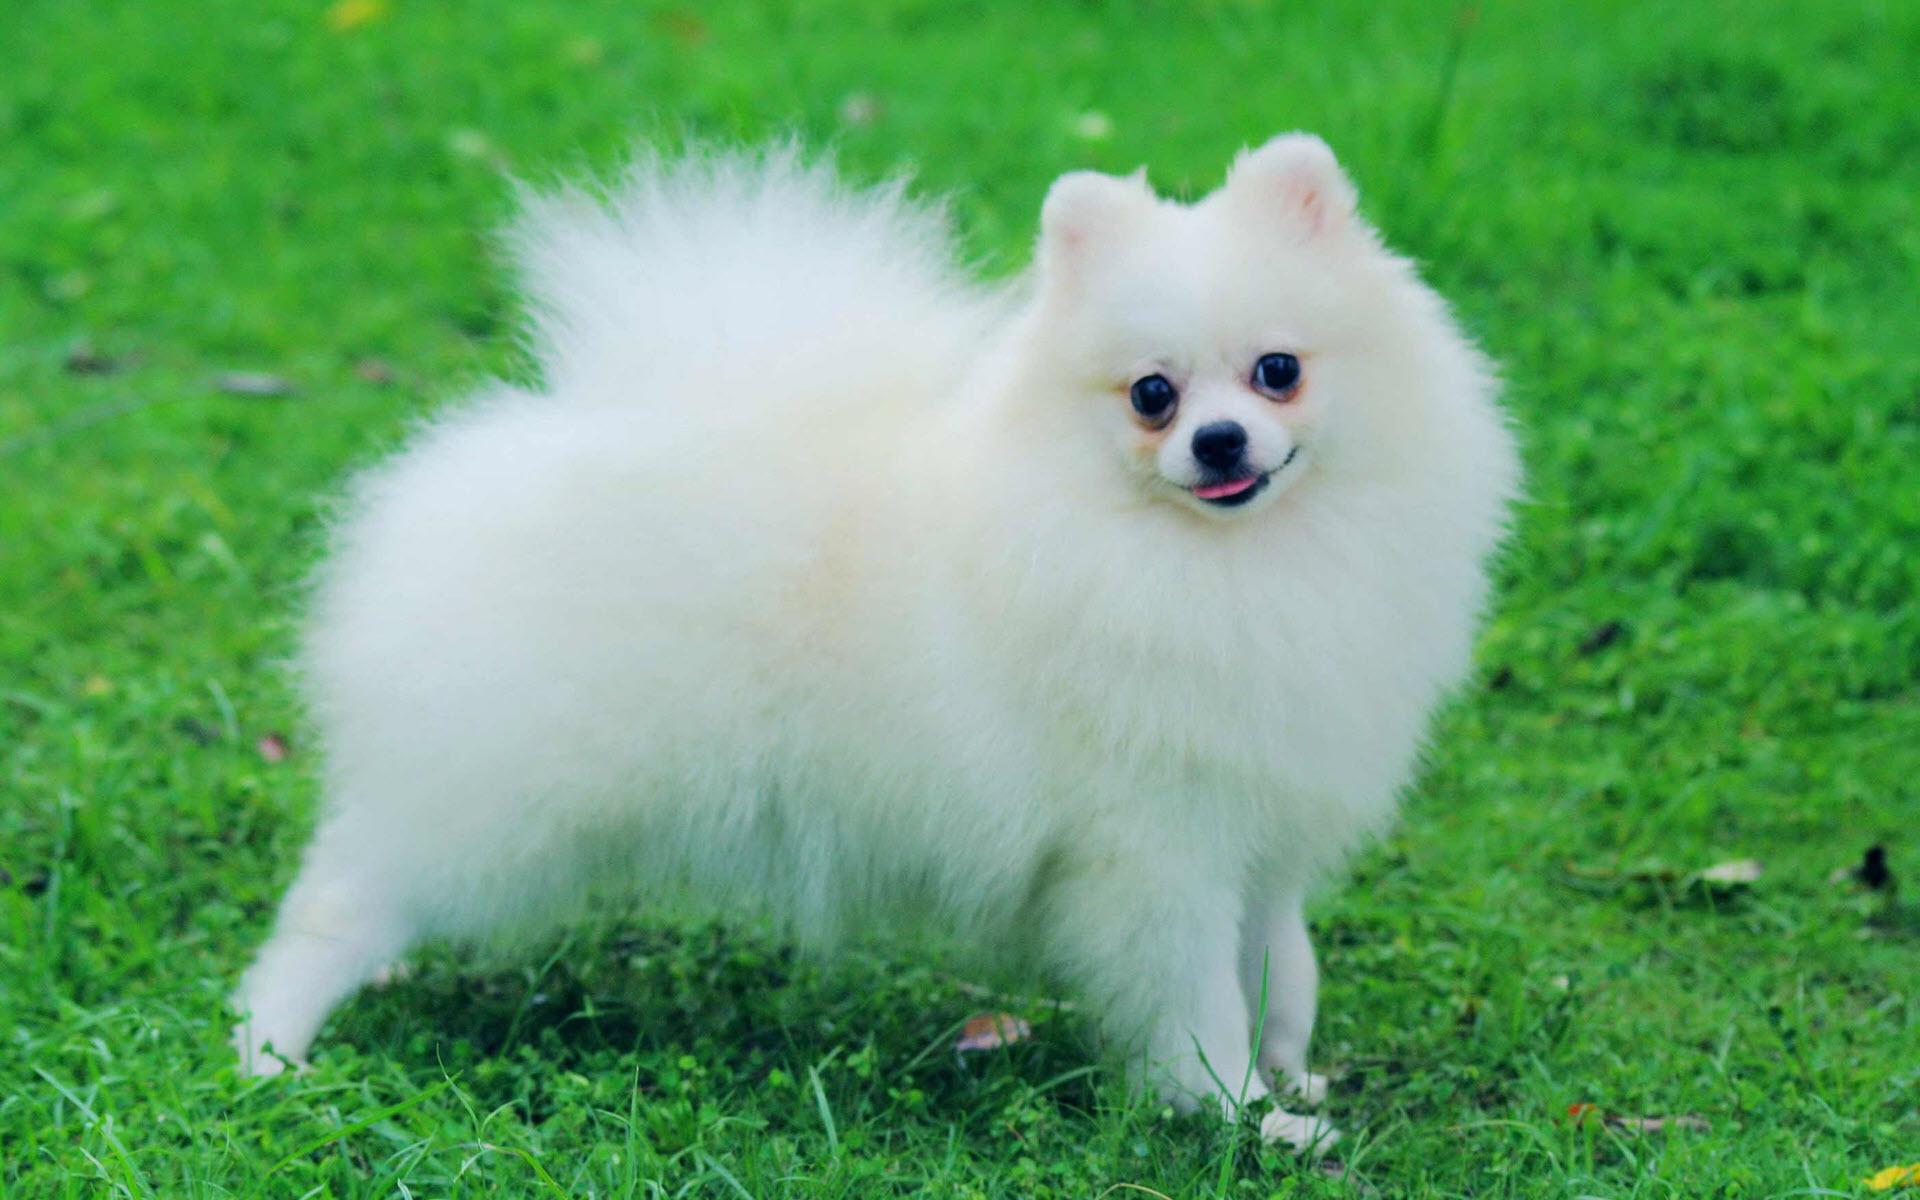 Hình nền chú chó bông trên bãi cỏ xanh đẹp